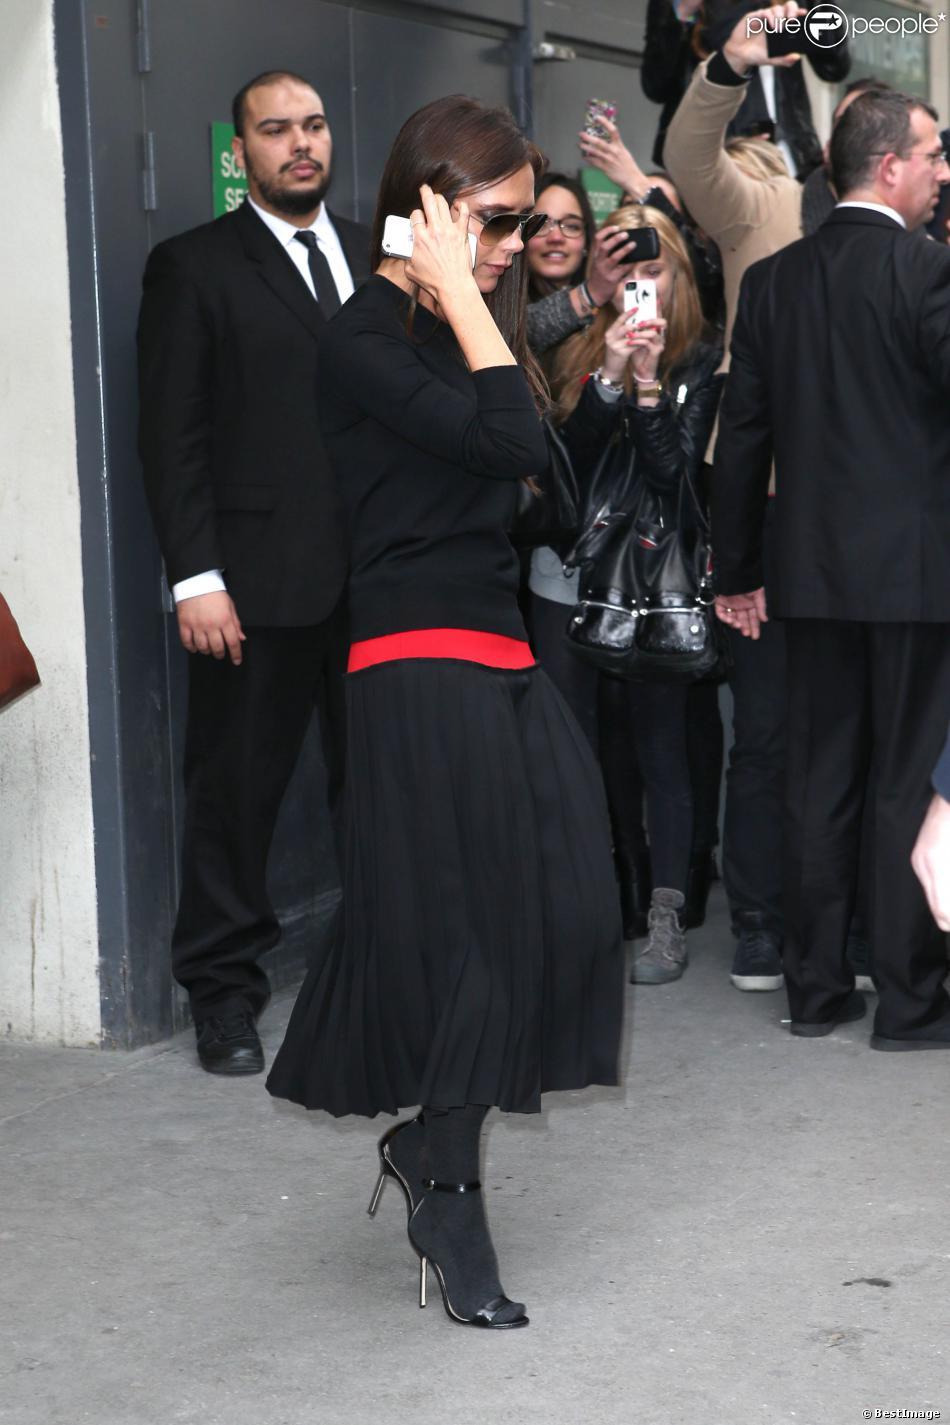 La star anglaise Victoria Beckham a inauguré le premier corner de sa marque dans un grand magasin, le Printemps, à Paris à l'occasion de la fashion week. Le 28 février 2014